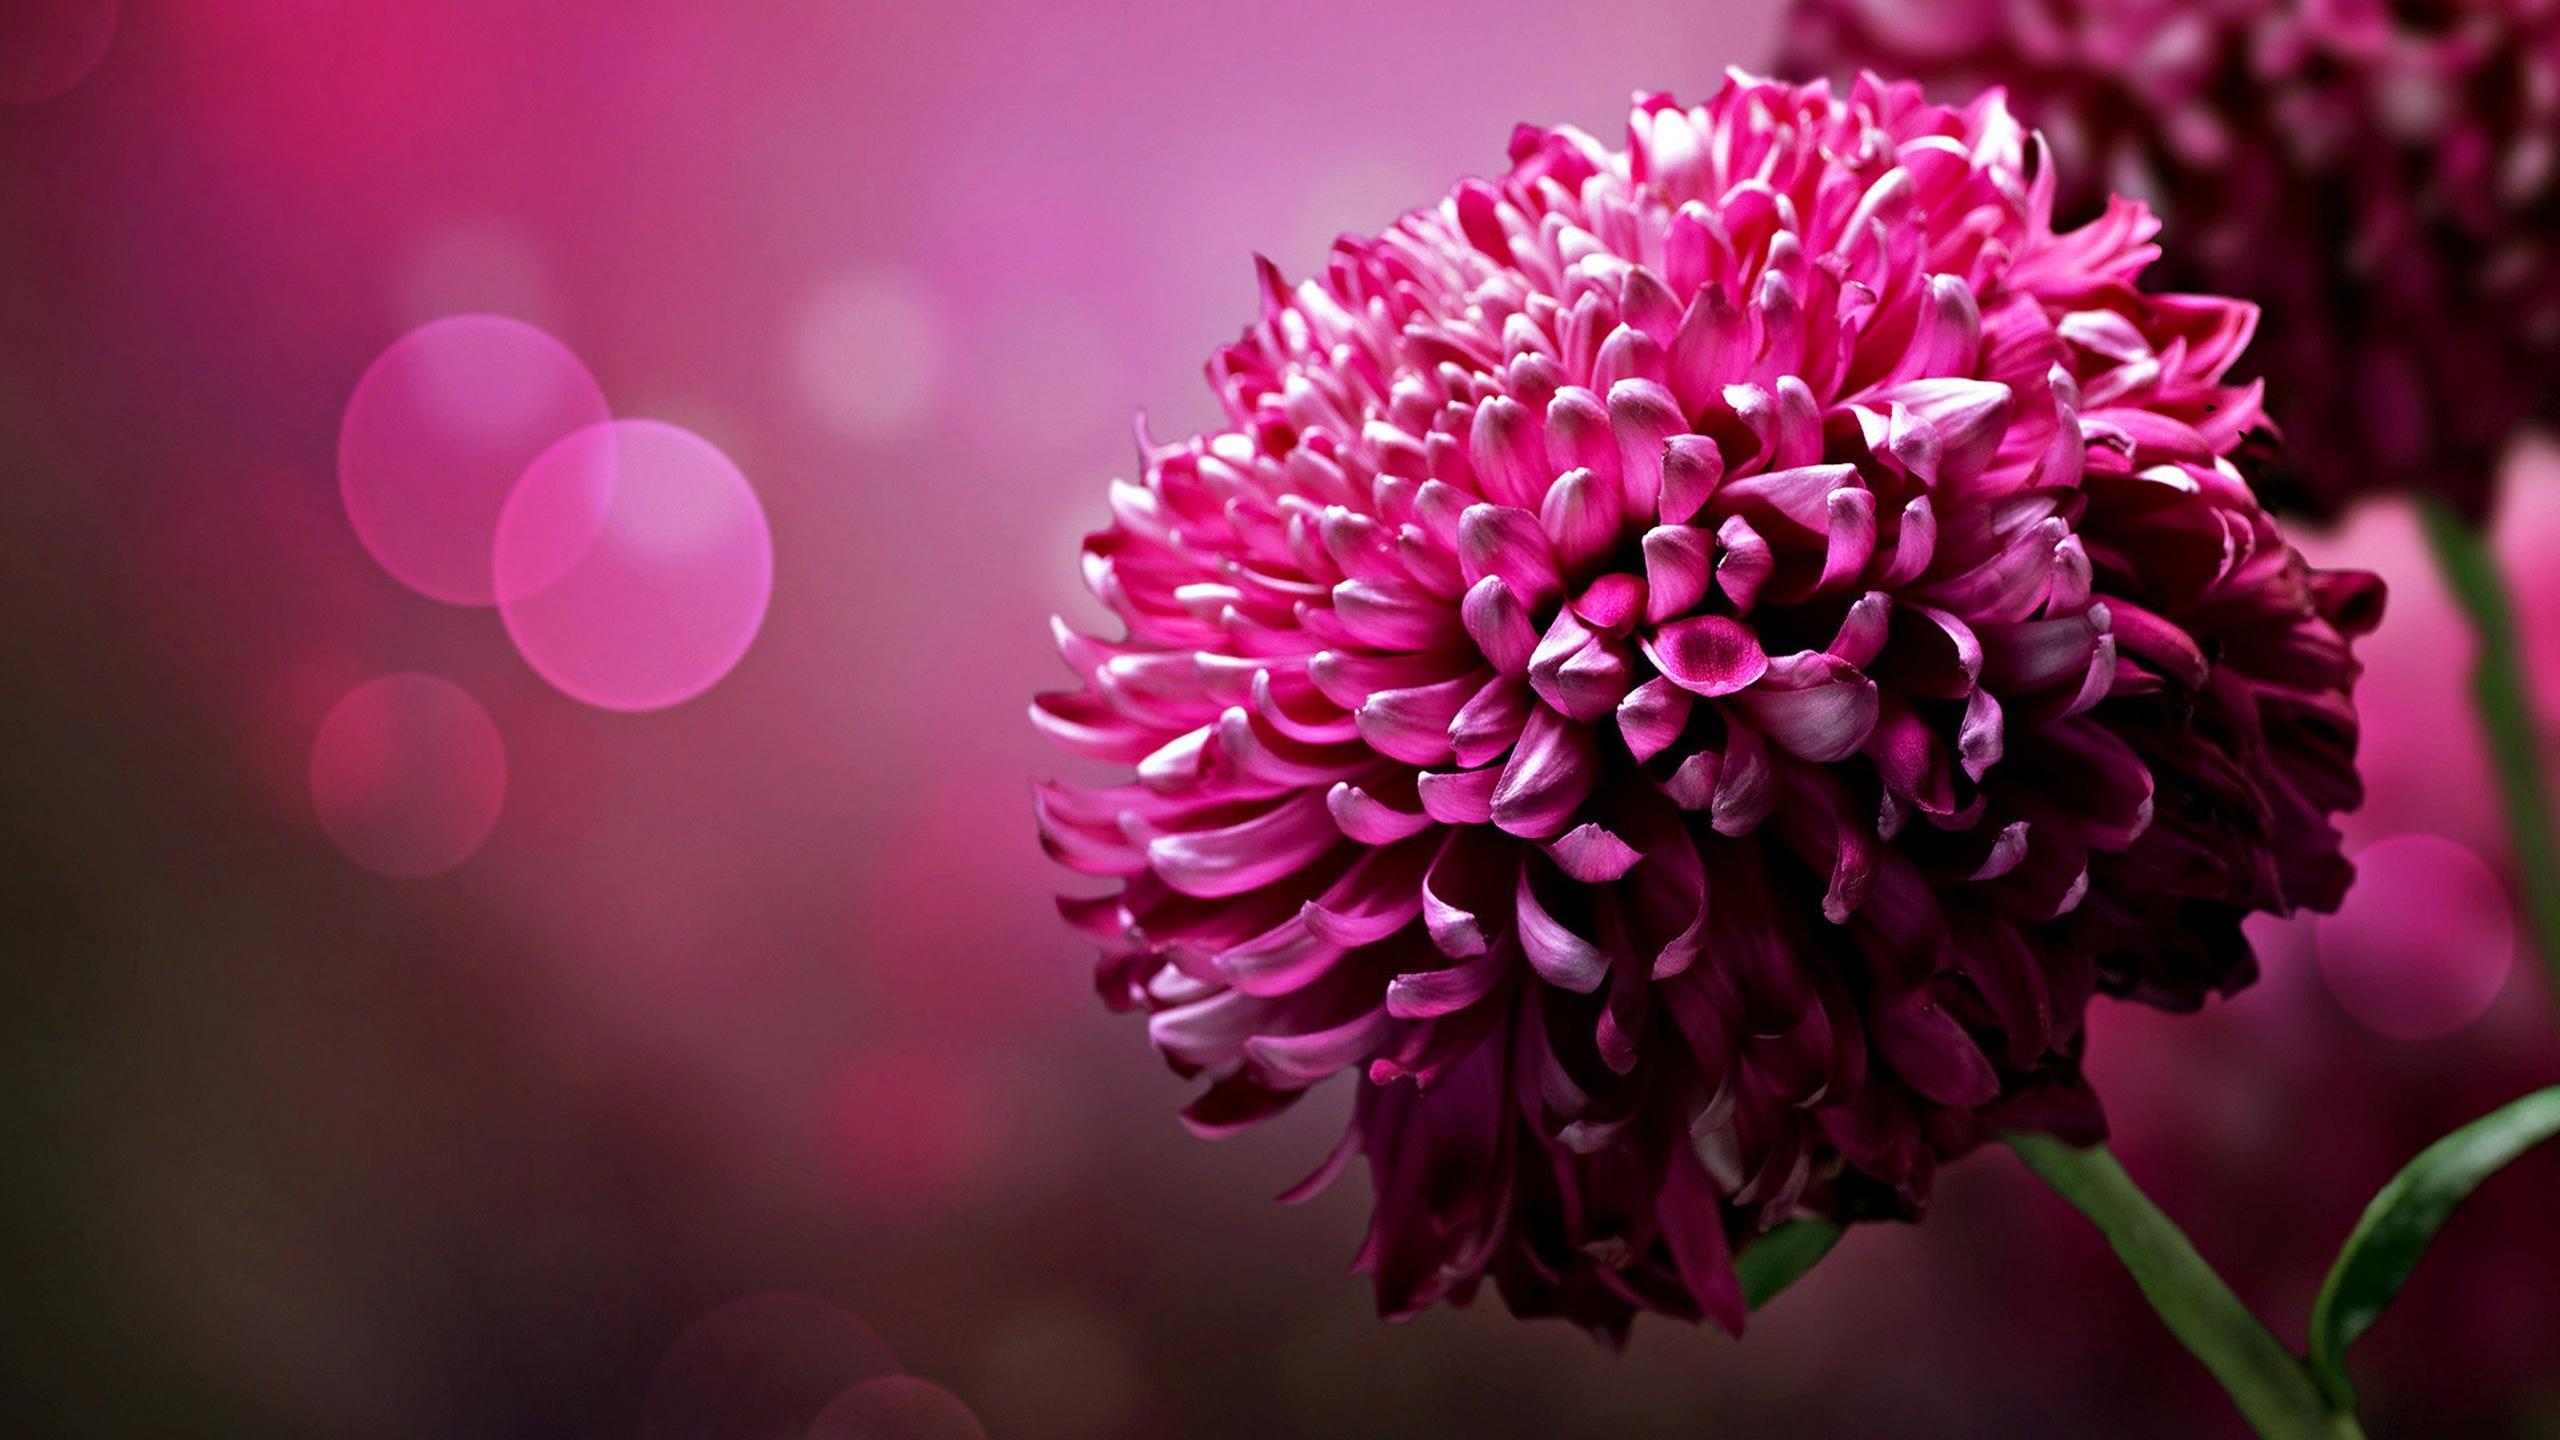 Free photo pink flowers plant pretty pink free download jooinn desktop of pink flowers hd inn flower picture wallpaper pics mightylinksfo